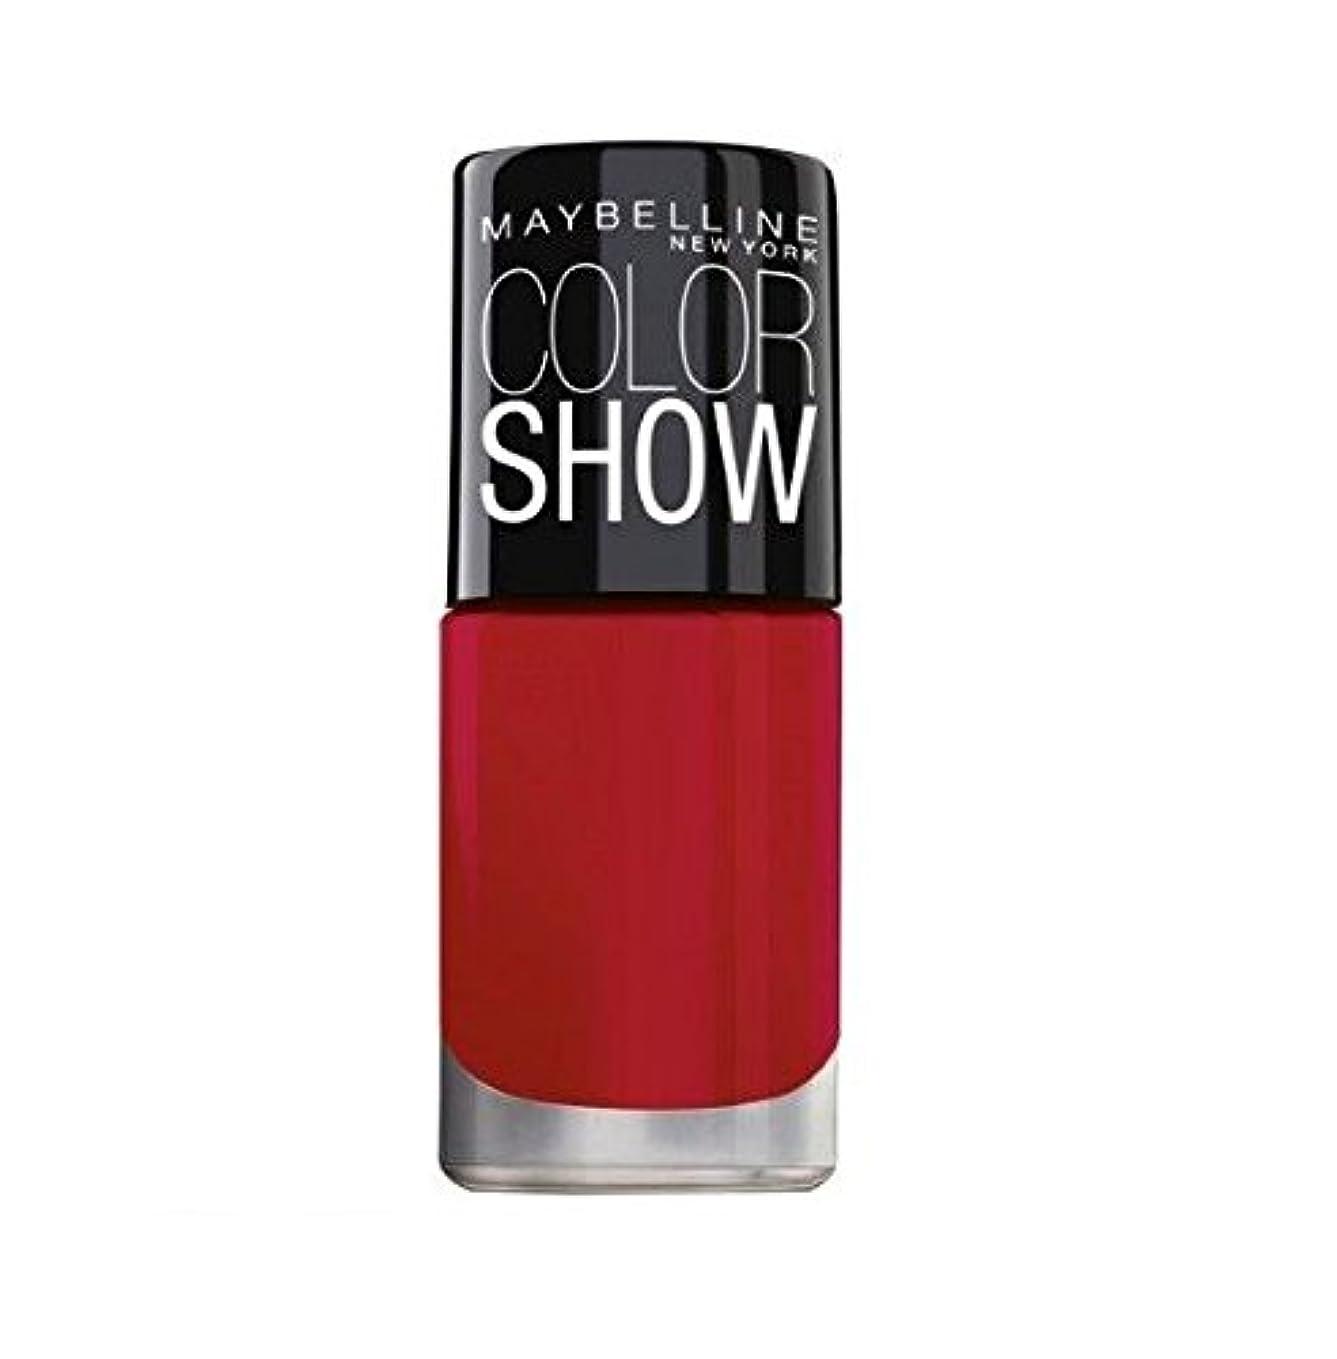 静けさ最高に勝るMaybelline Color Show Bright Sparks, Power of Red 708, 6ml